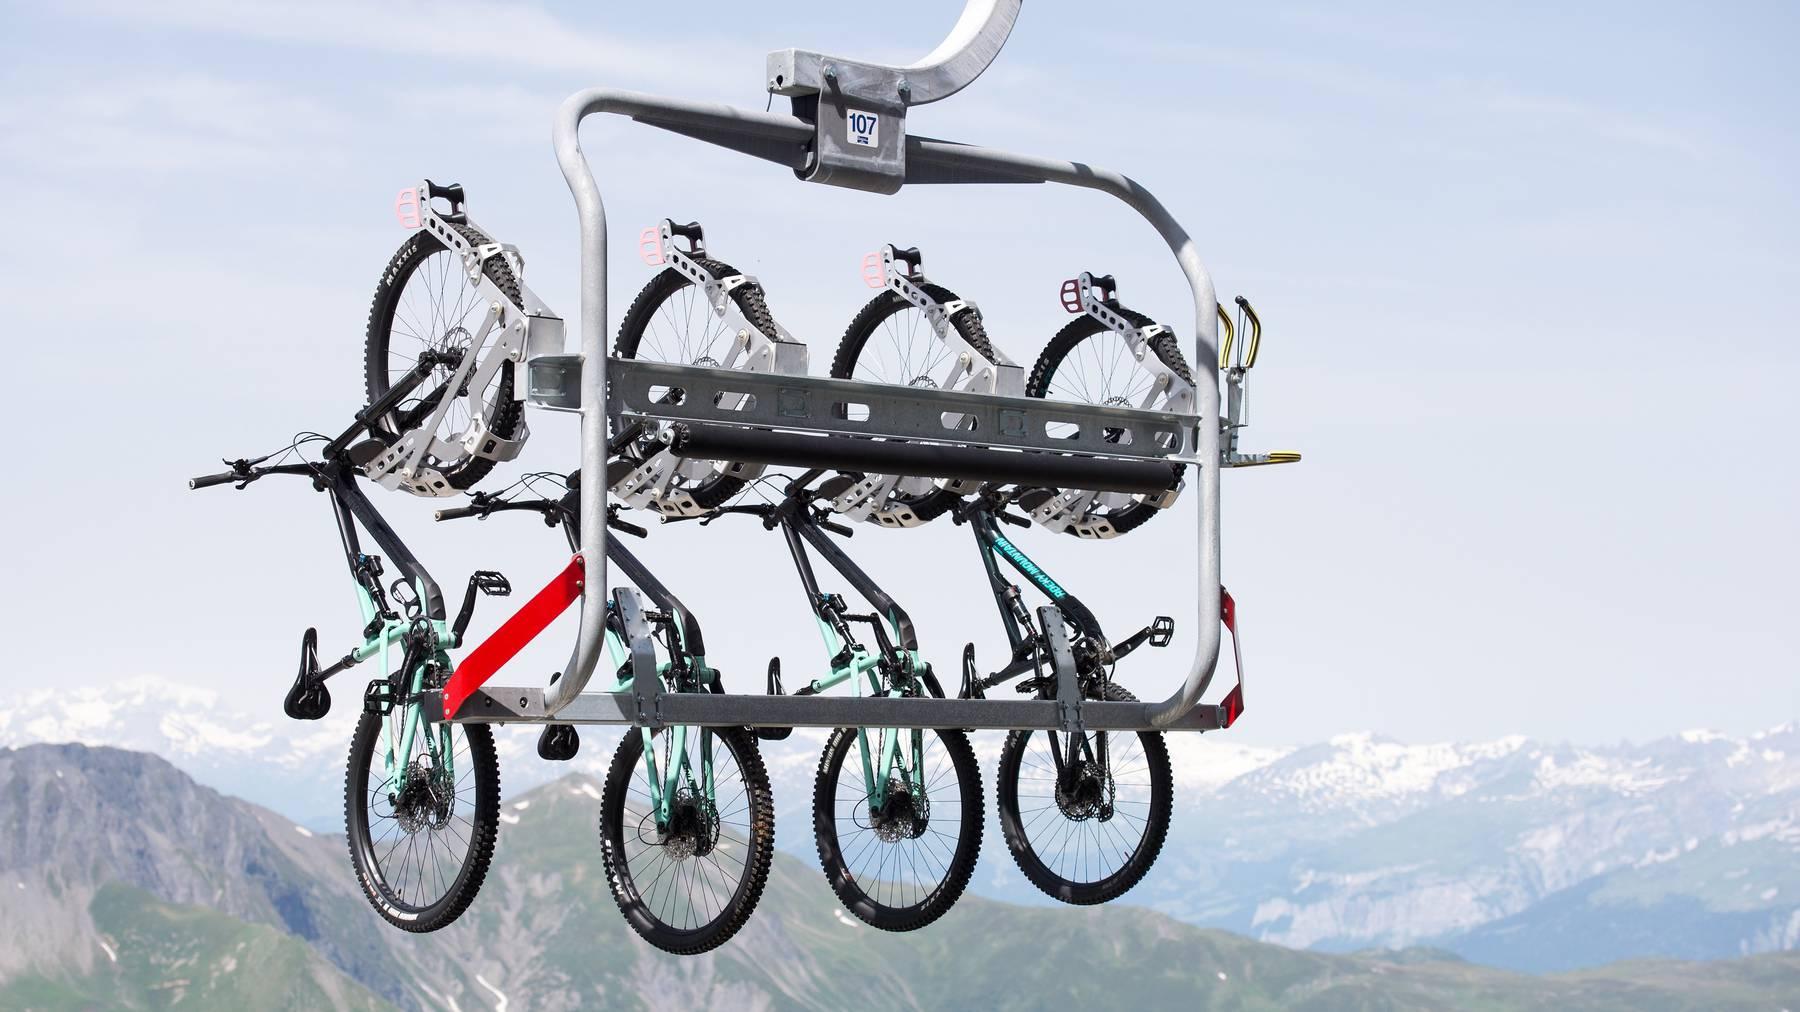 Mit den separaten Bike-Gondeln können vier Bikes gleichzeitig transportiert werden.